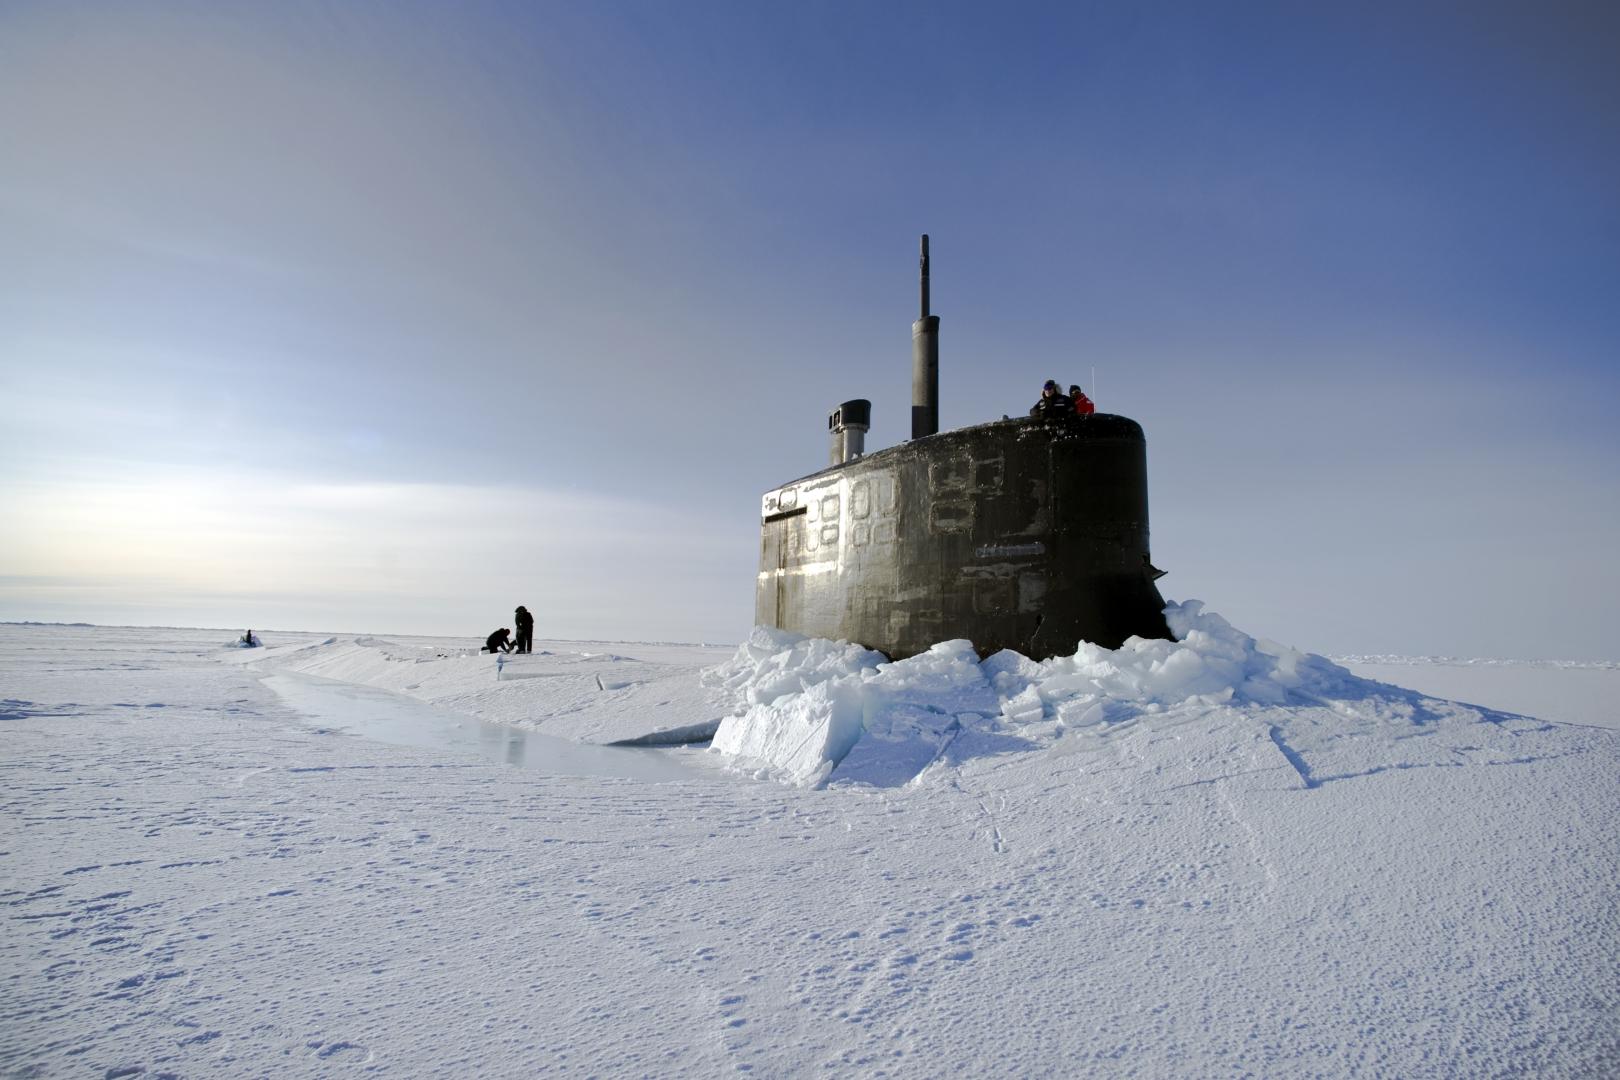 Атомная подводная лодка ВМС США «Коннектикут» в Арктике. U.S. Navy